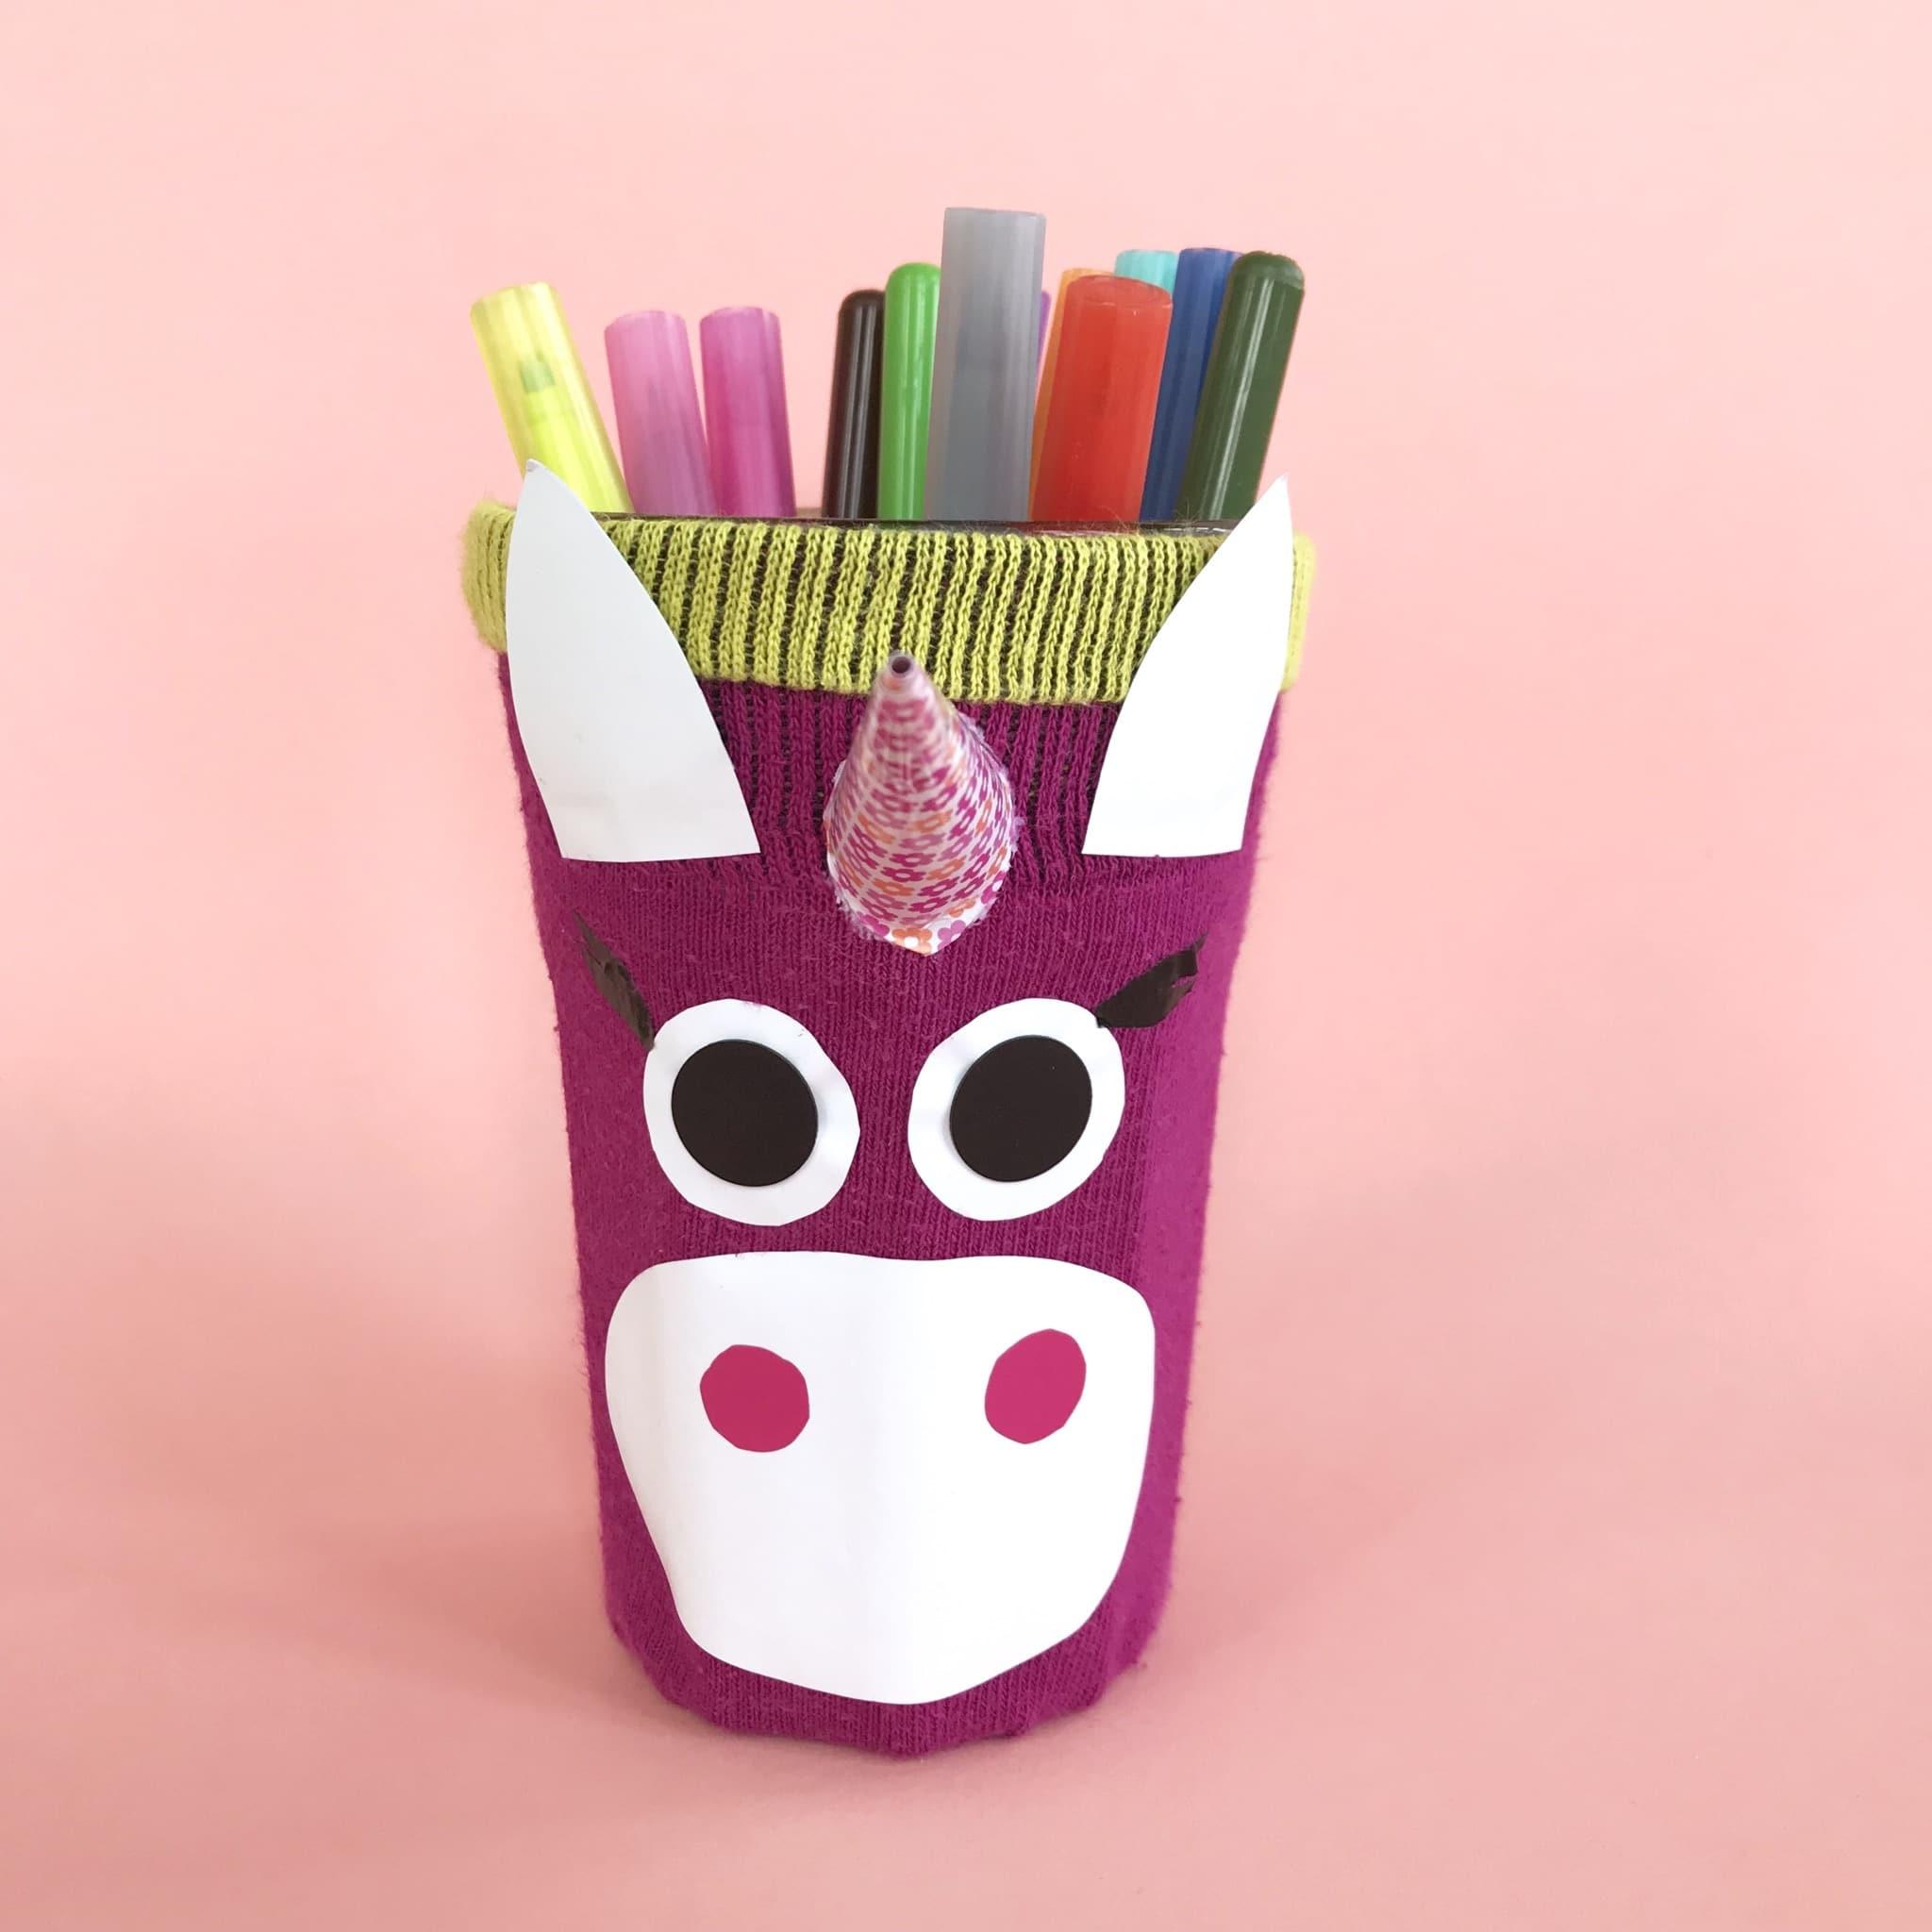 Stiftehalter Basteln: Upcycling Bastelidee Für Den bestimmt für Einfache Bastelideen Zum Kindergeburtstag